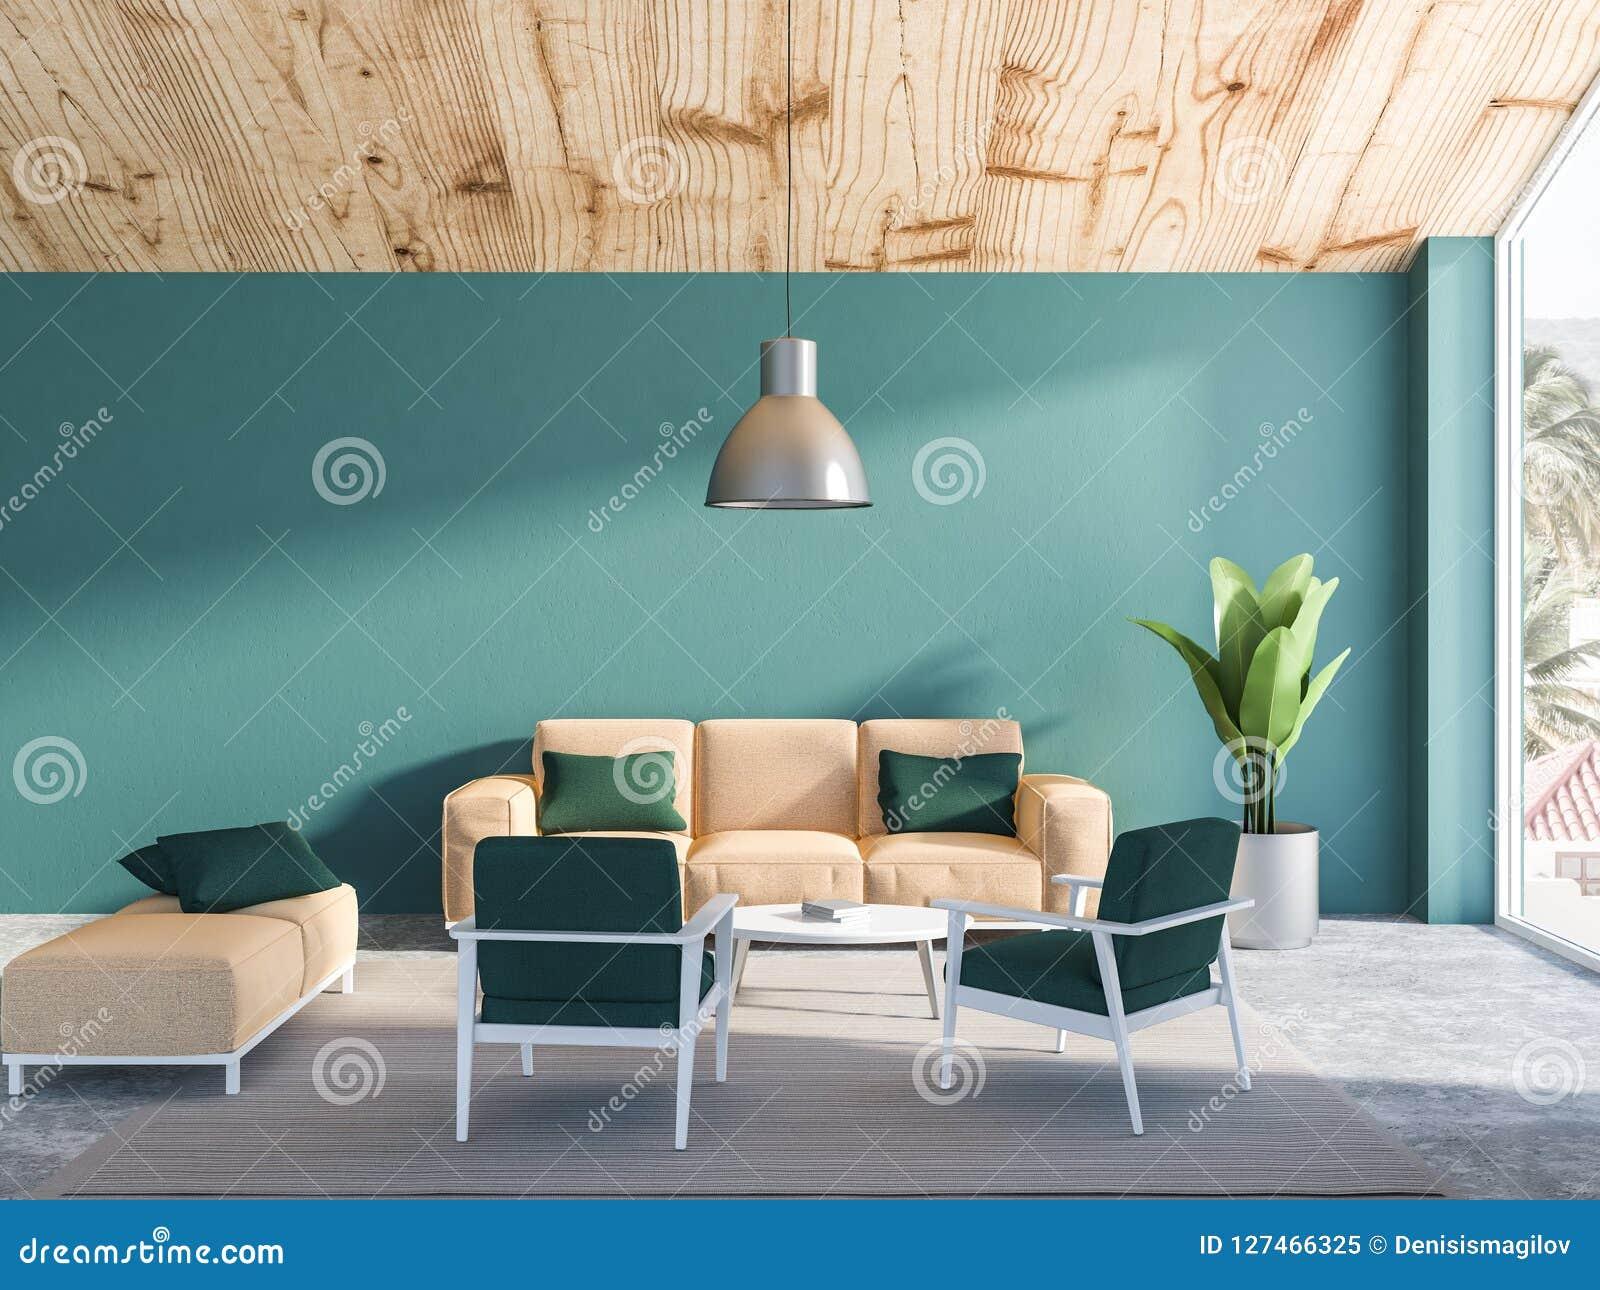 Salon Vert Interieur Sofa Beige Illustration Stock